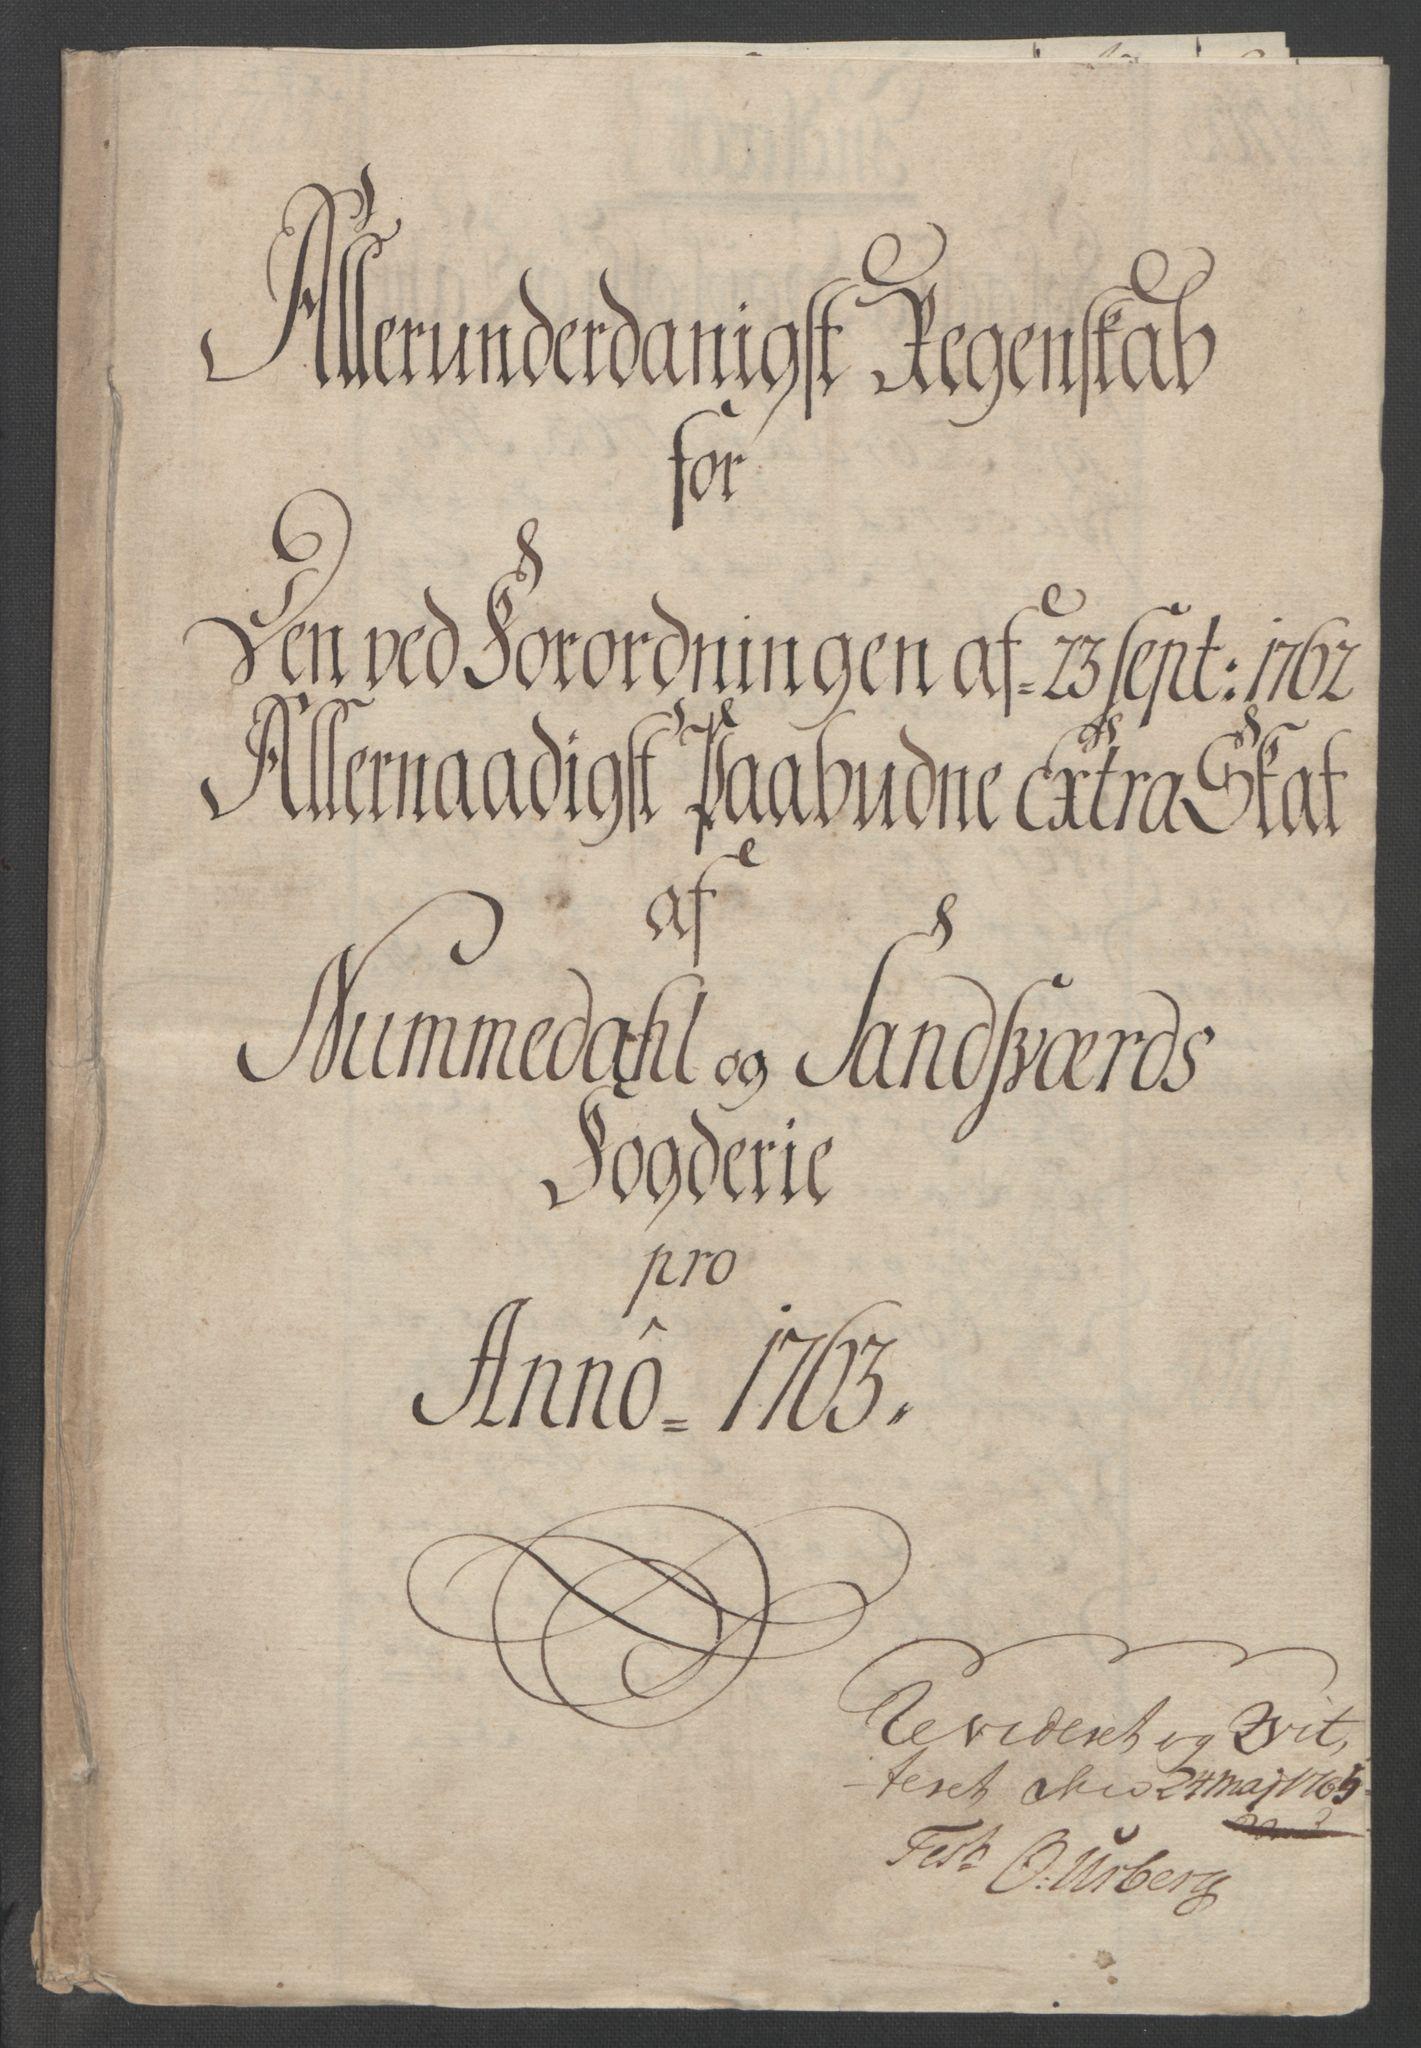 RA, Rentekammeret inntil 1814, Reviderte regnskaper, Fogderegnskap, R24/L1672: Ekstraskatten Numedal og Sandsvær, 1762-1767, s. 125